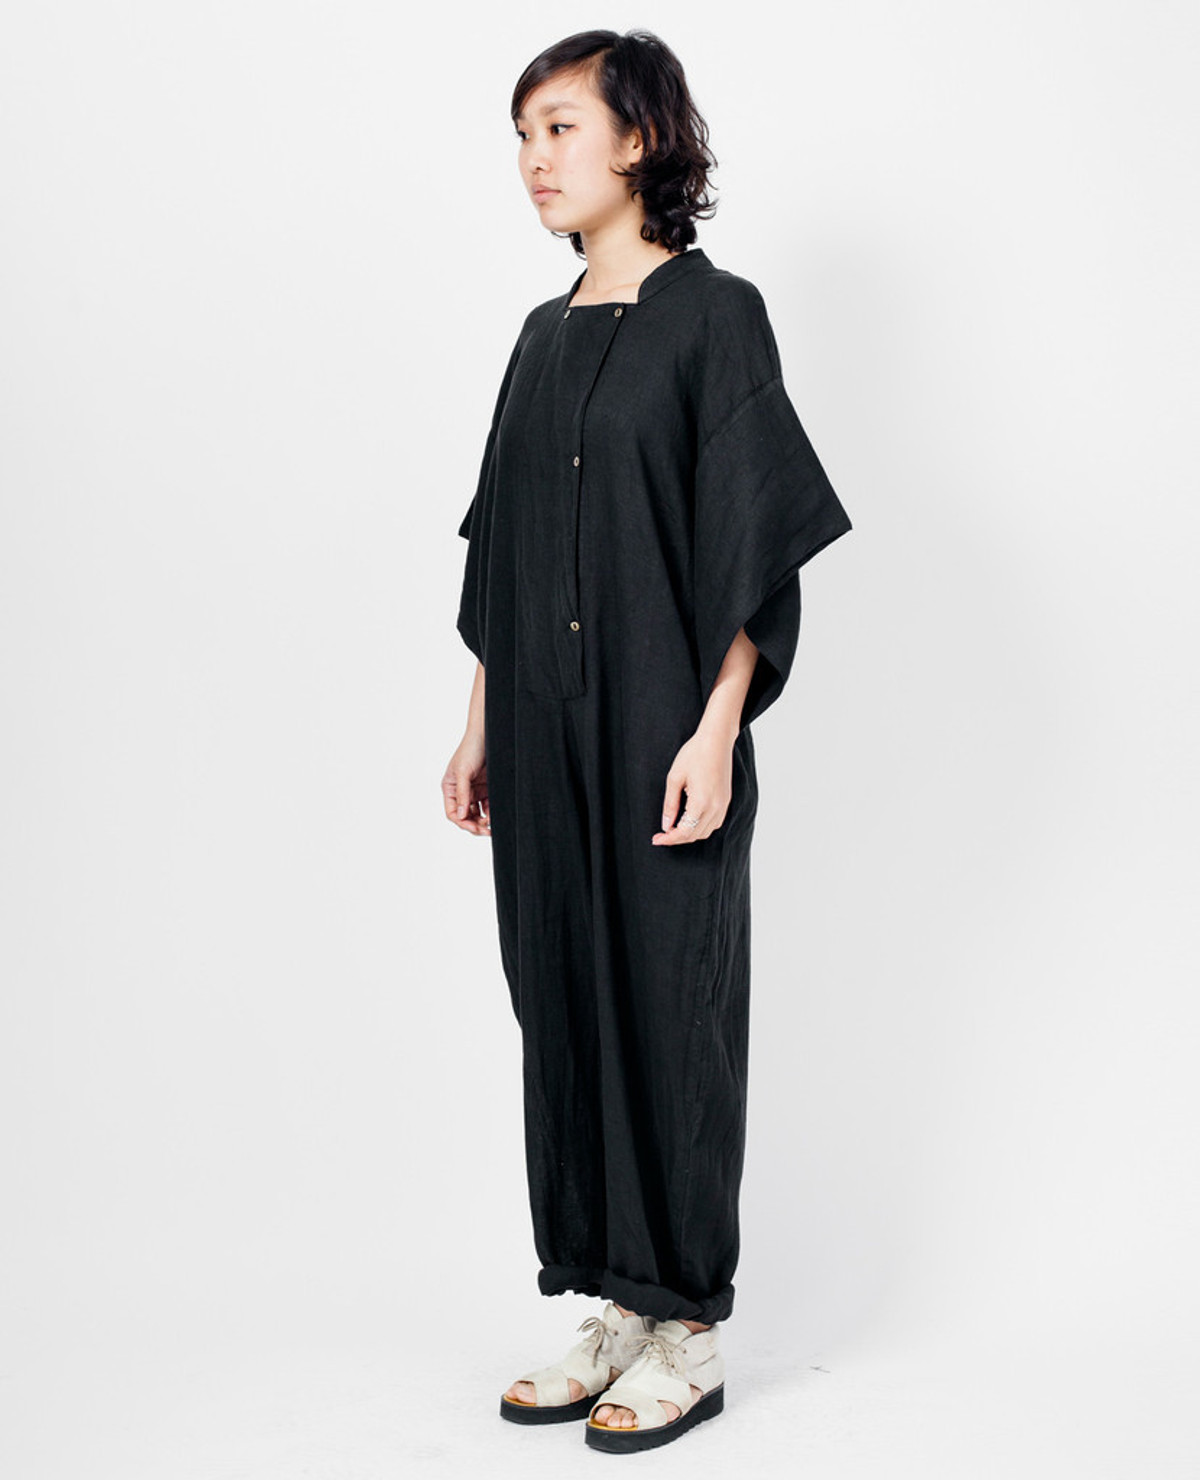 Black Crane Jumpsuit - Black